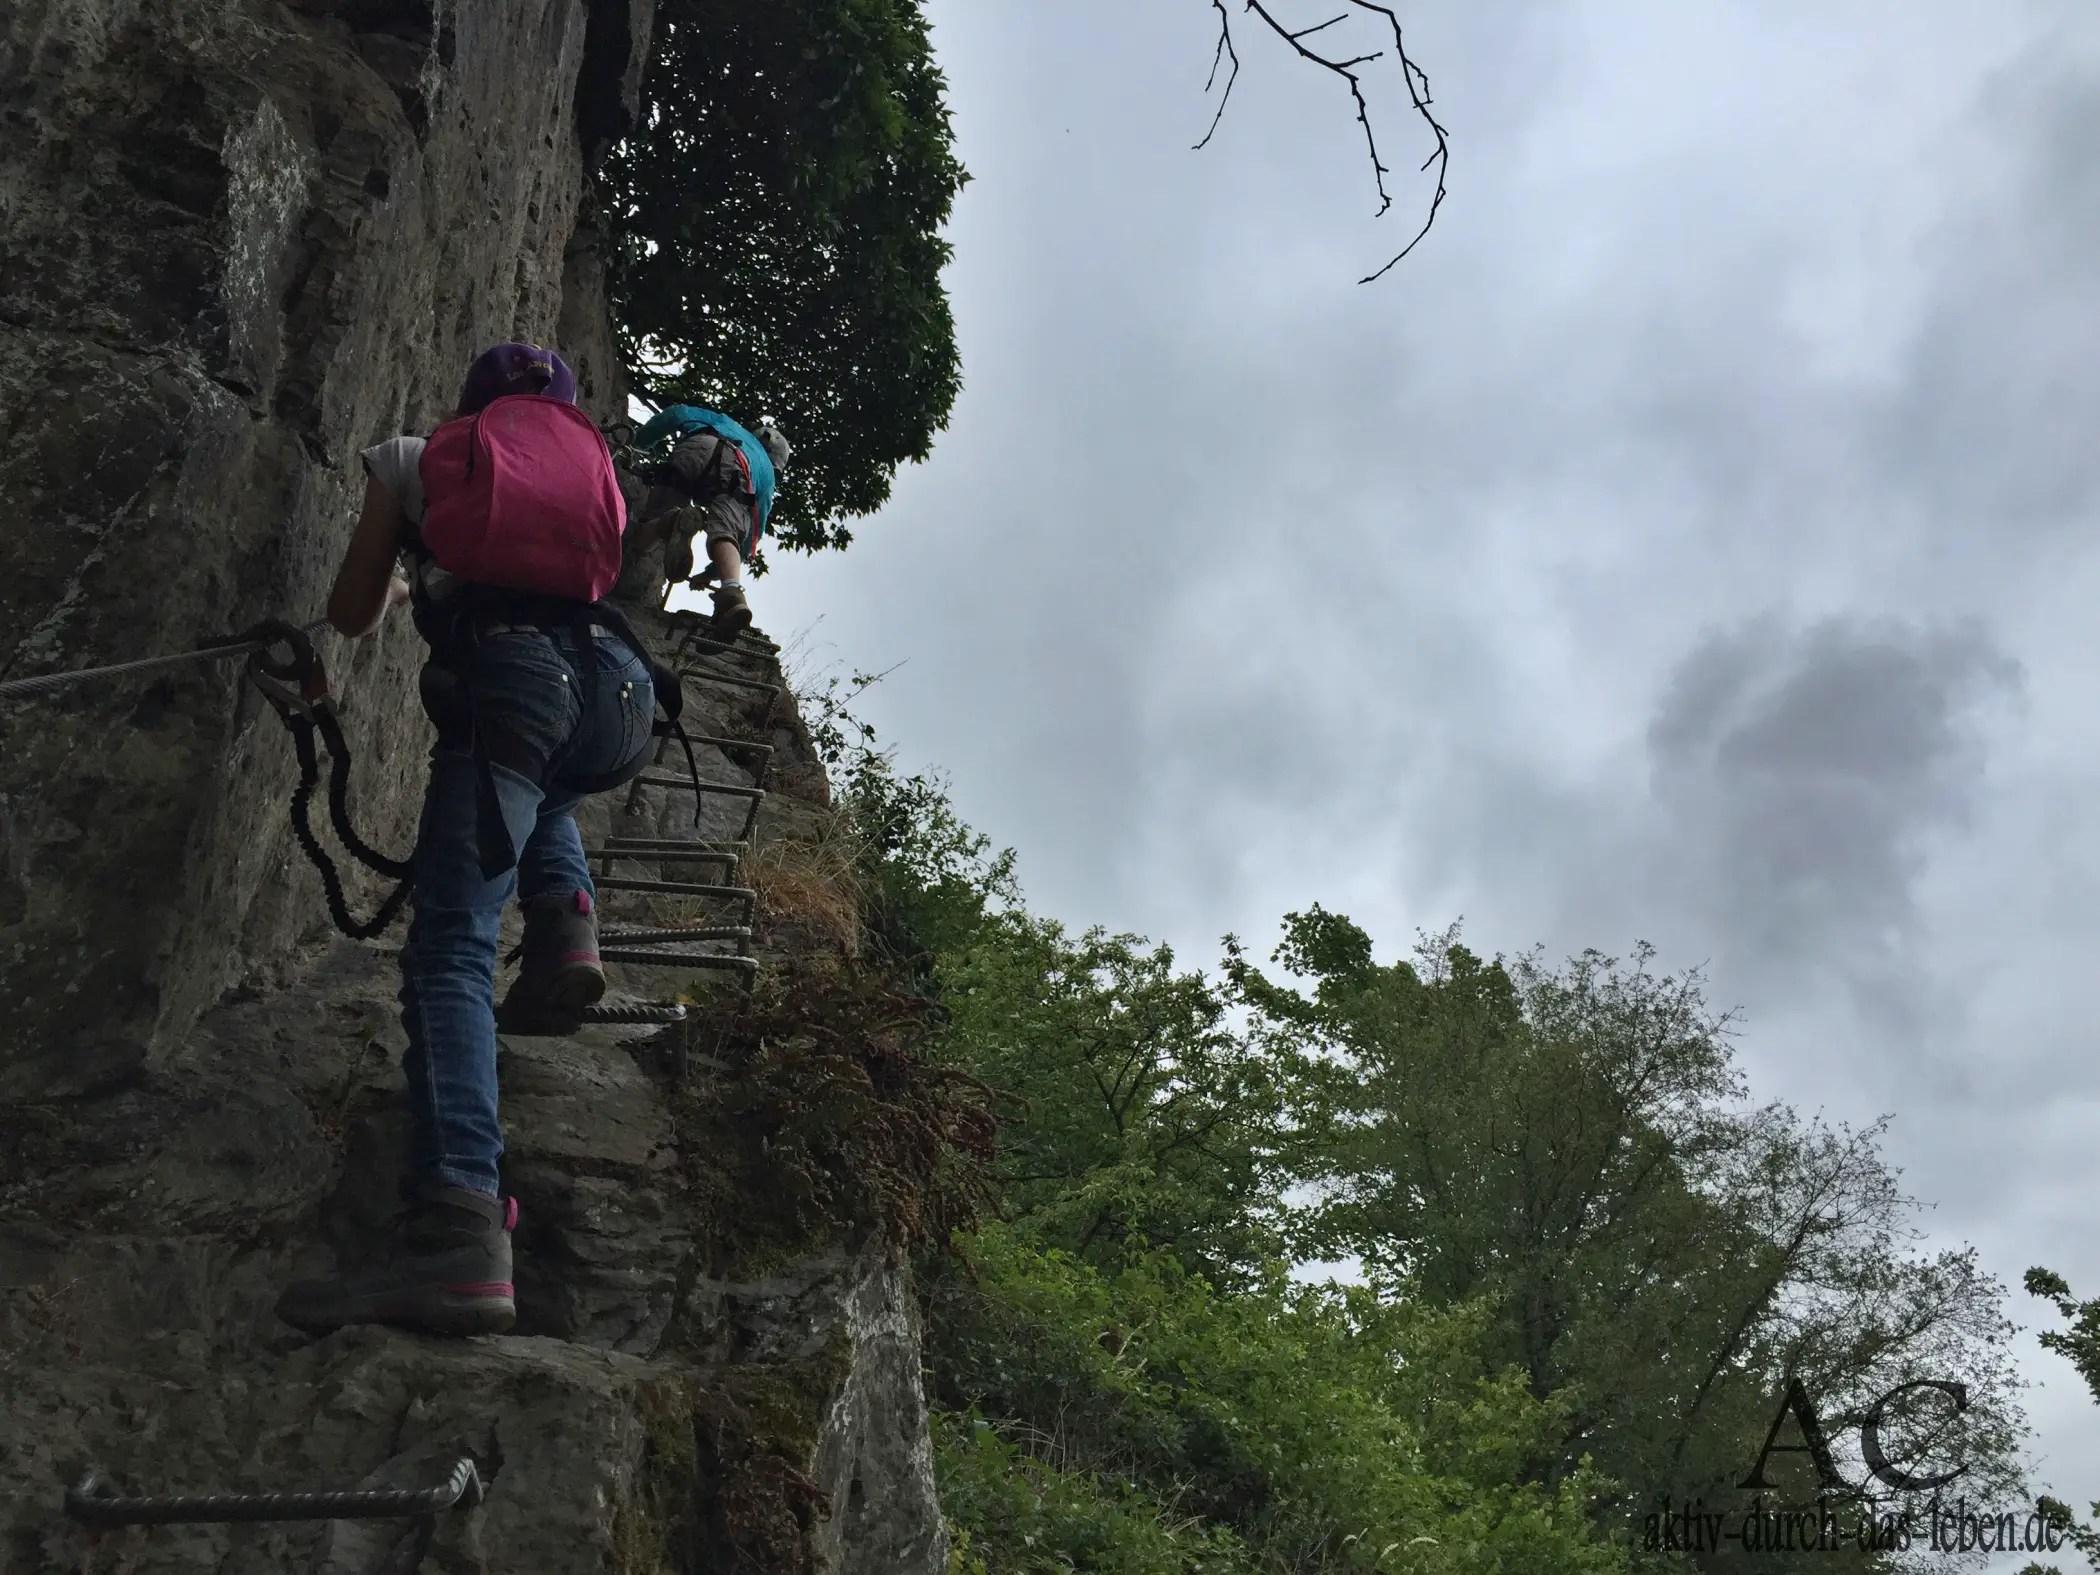 Klettersteig Rhein : Klettersteig mittelrhein mit kindern und höhenangst aktiv durch